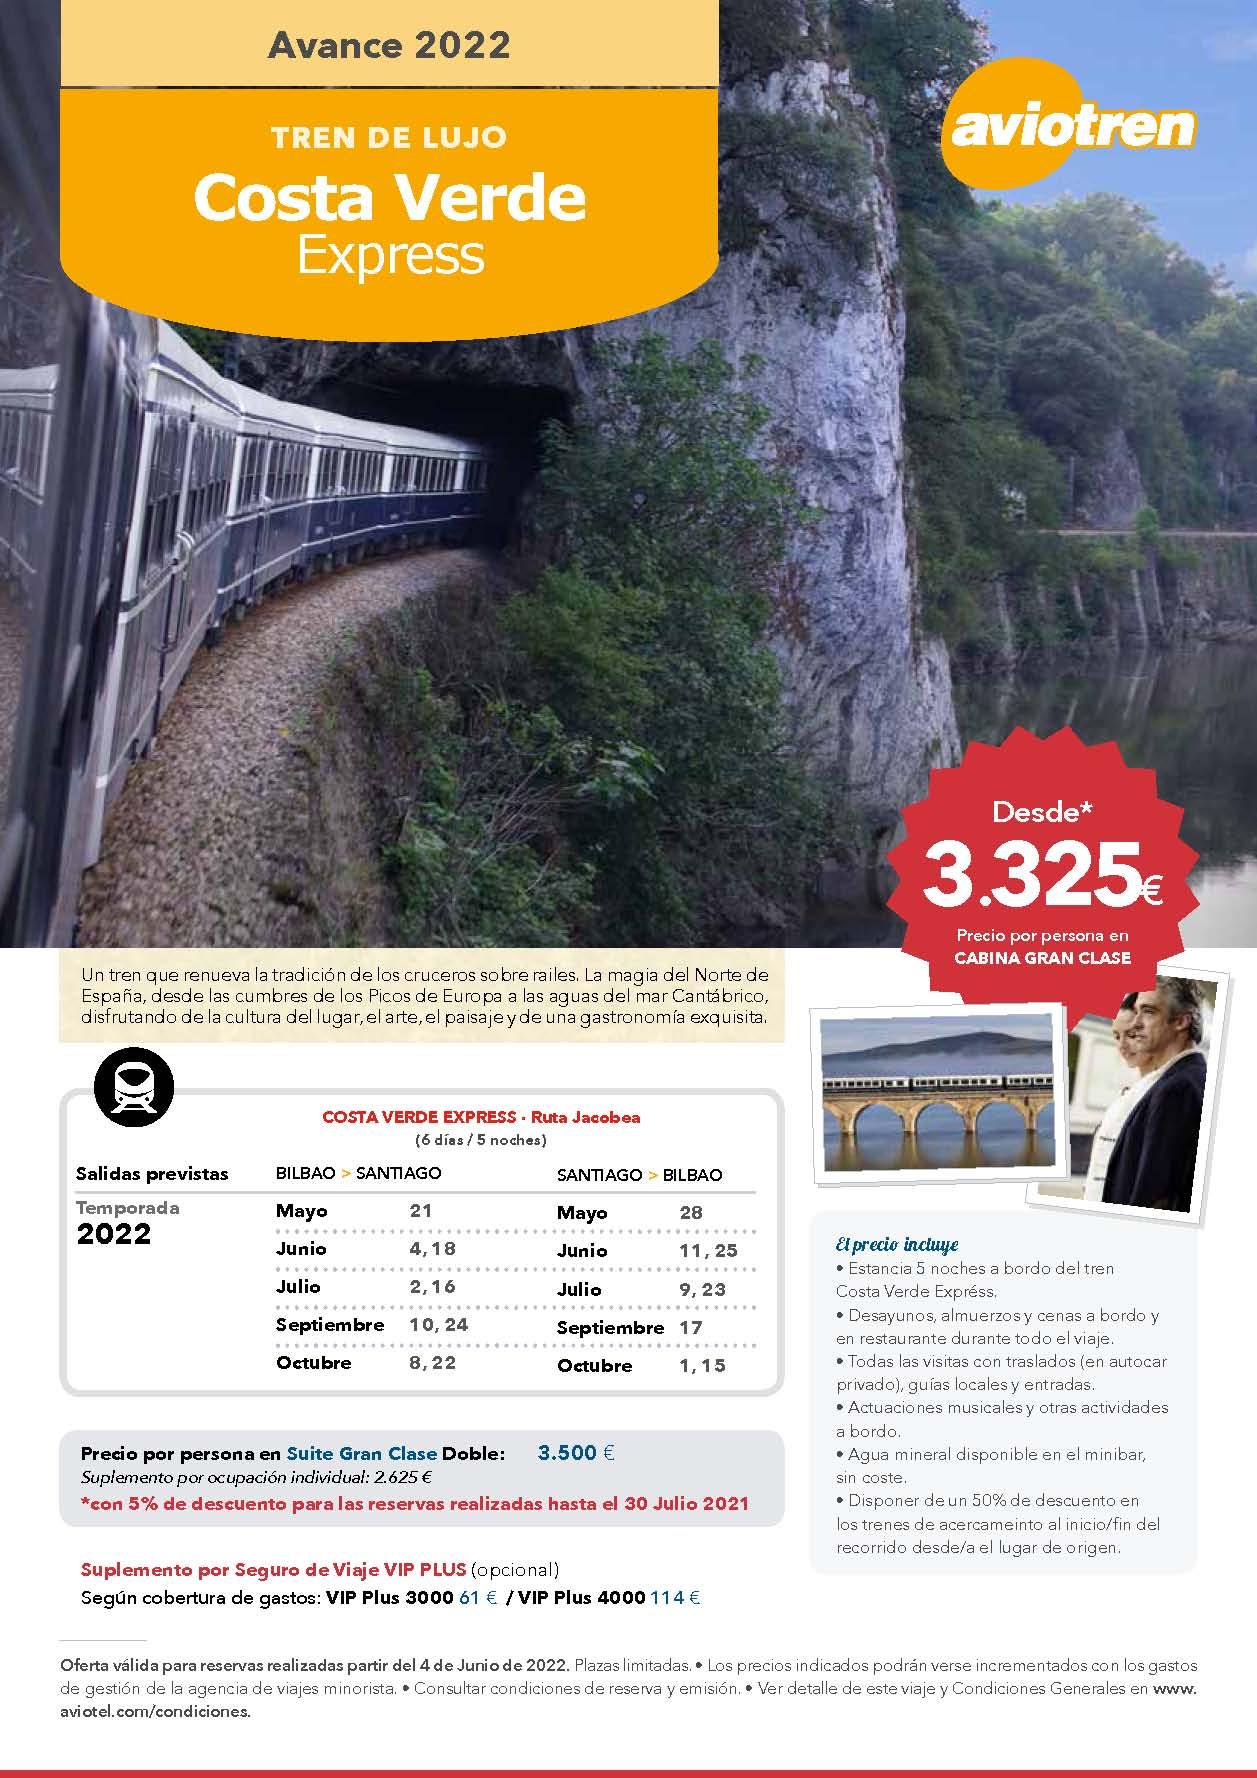 Oferta Aviotren Venta Anticipada Tren de Lujo Costa Verde Express 2022